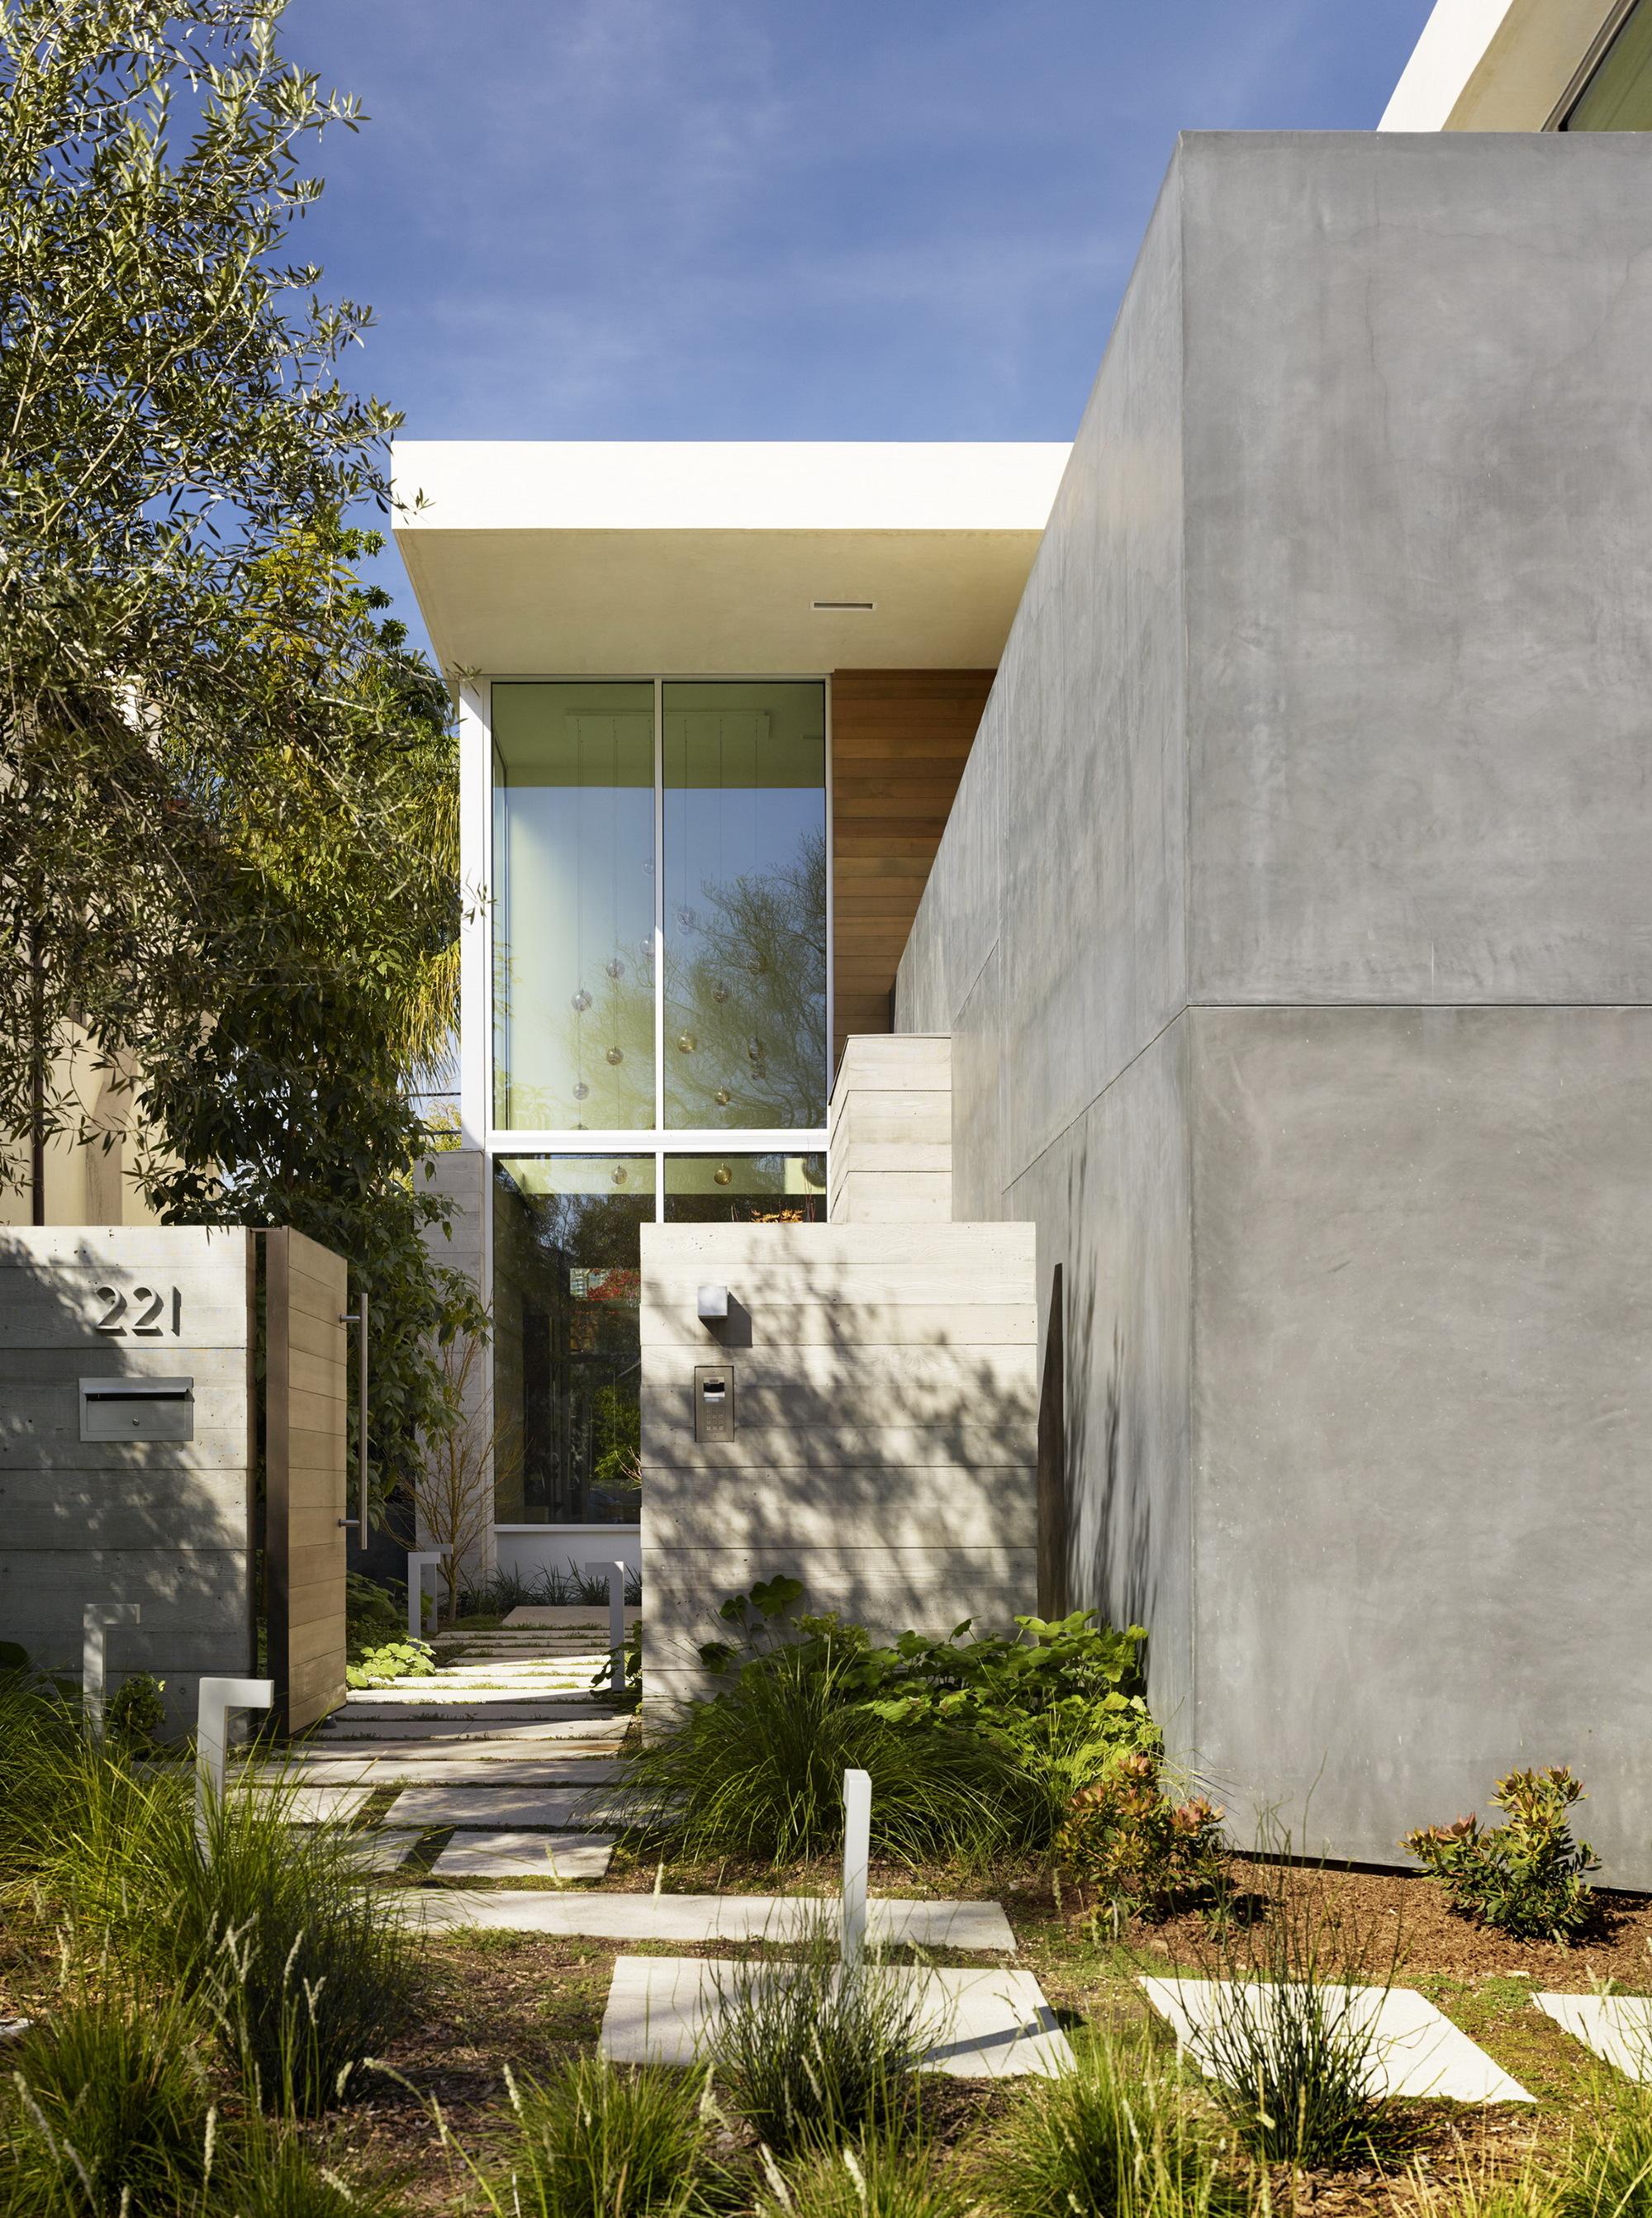 Galer a de crescent drive ehrlich architects 2 - Limposante residence contemporaine de ehrlich architects ...